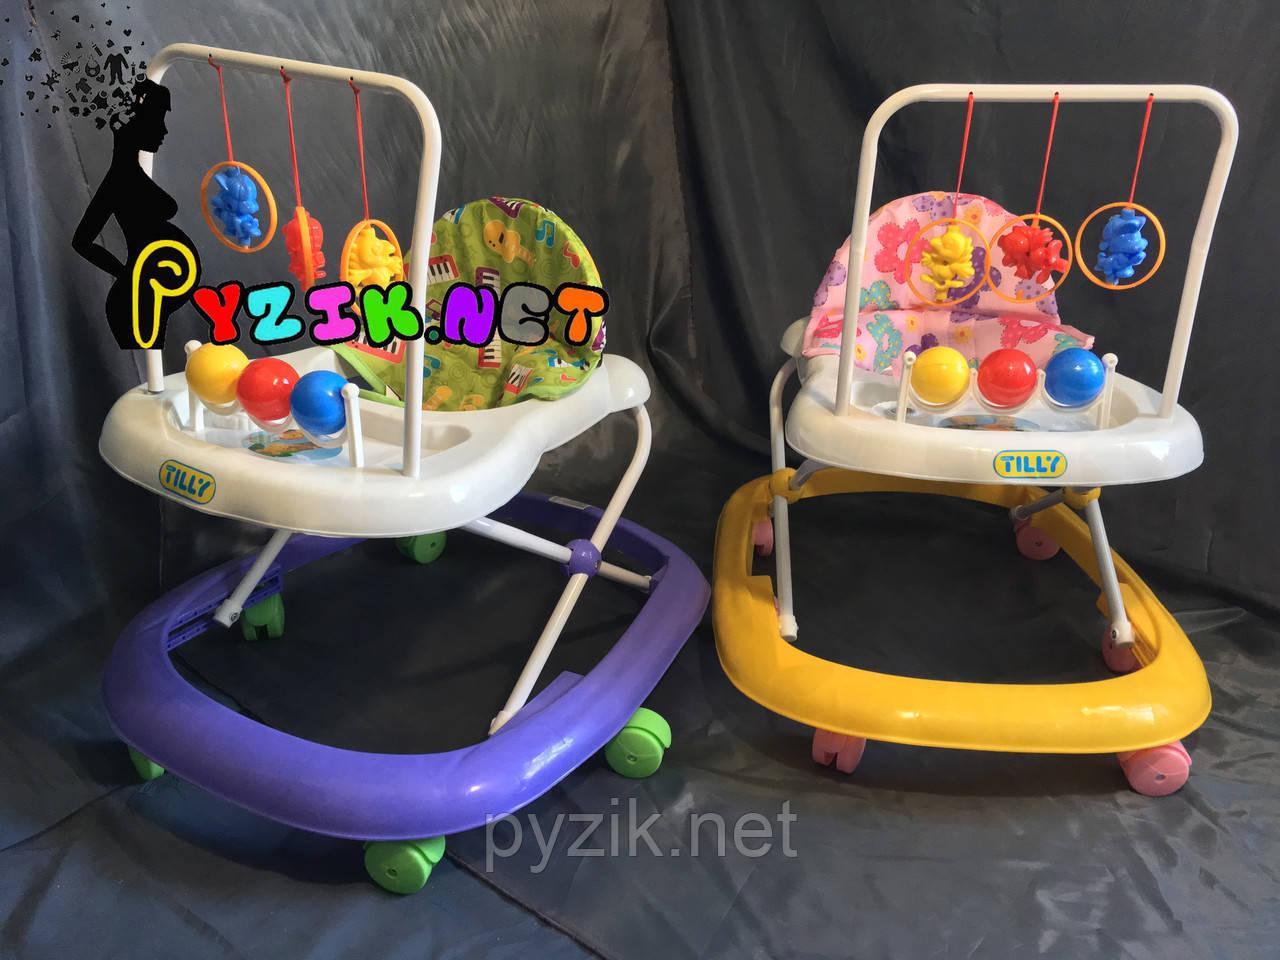 Детские ходунки Baby Tilly (Игровая панель, мелодия, 6 колес, развивалка)